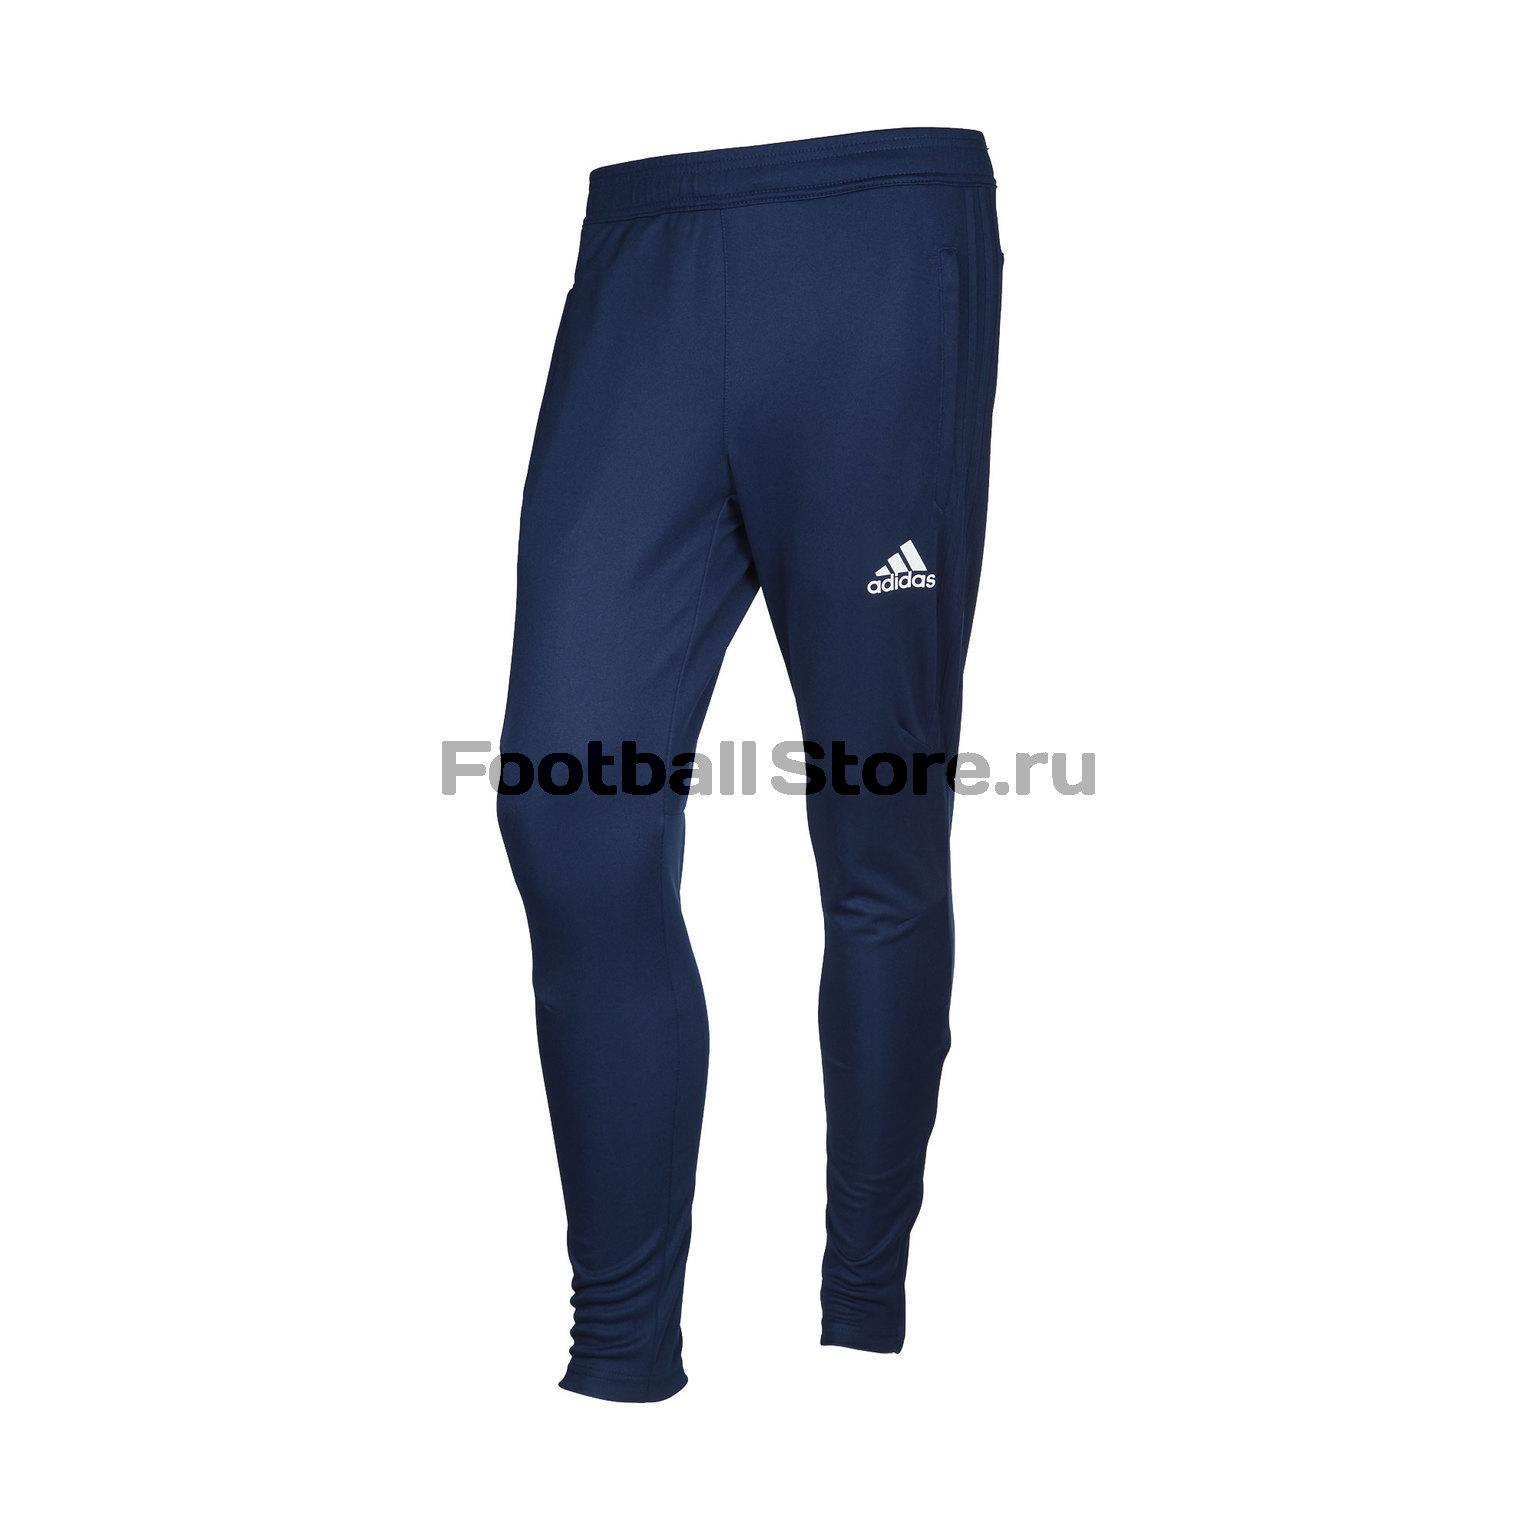 Брюки тренировочные Adidas Tiro17 TRG PNT BQ2719 брюки adidas брюки тренировочные adidas tiro17 rn pnt ay2896